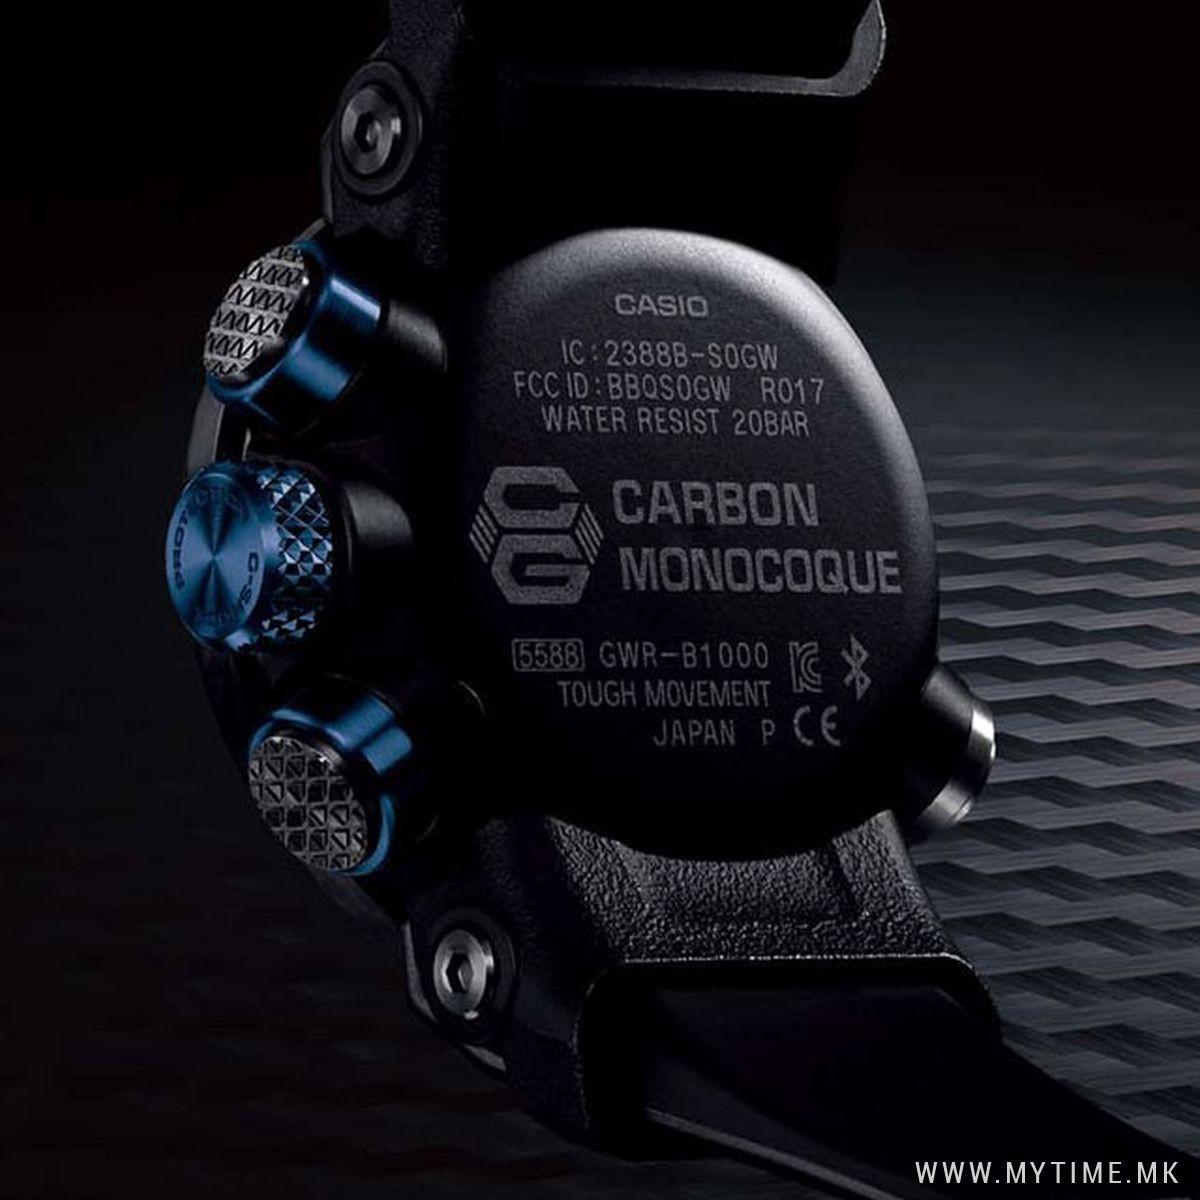 GWR-B1000-1A1